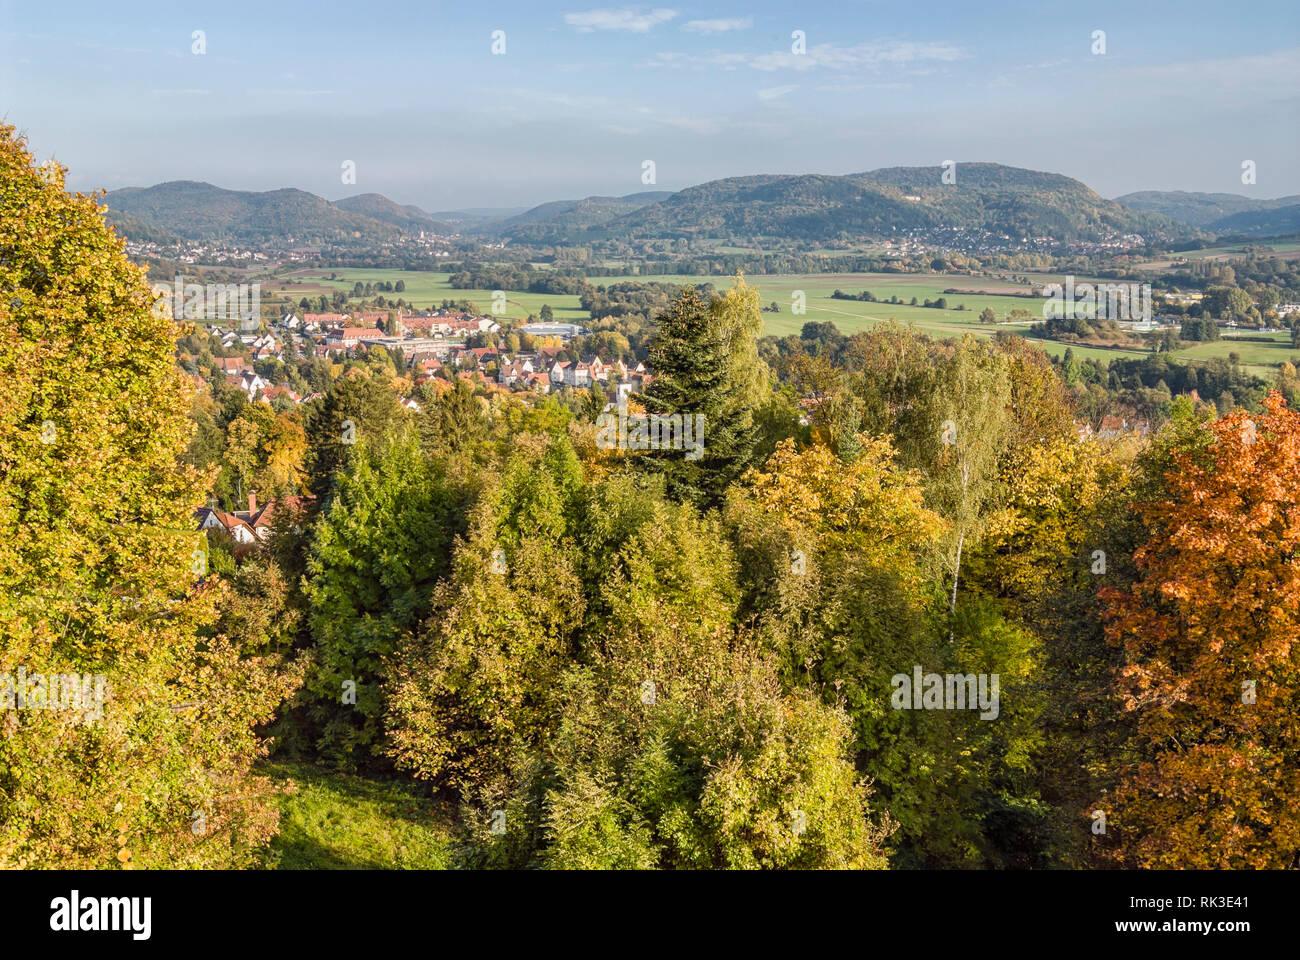 Farbenfrohe Herbstlandschaft im Naturpark Hersbrucker Schweiz, Bayern, Deutschland | Colorful Autumn Landscape with view over Hersbruck Stock Photo